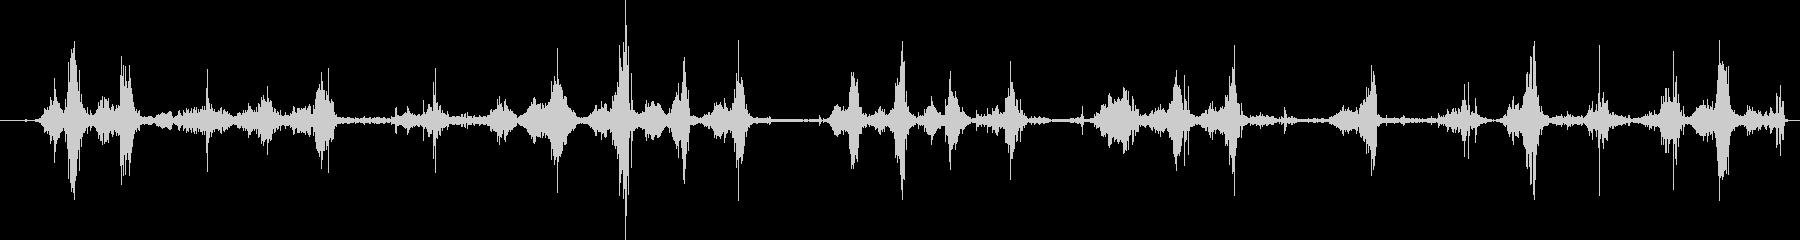 段ボールのシリアルボックス:シェイ...の未再生の波形